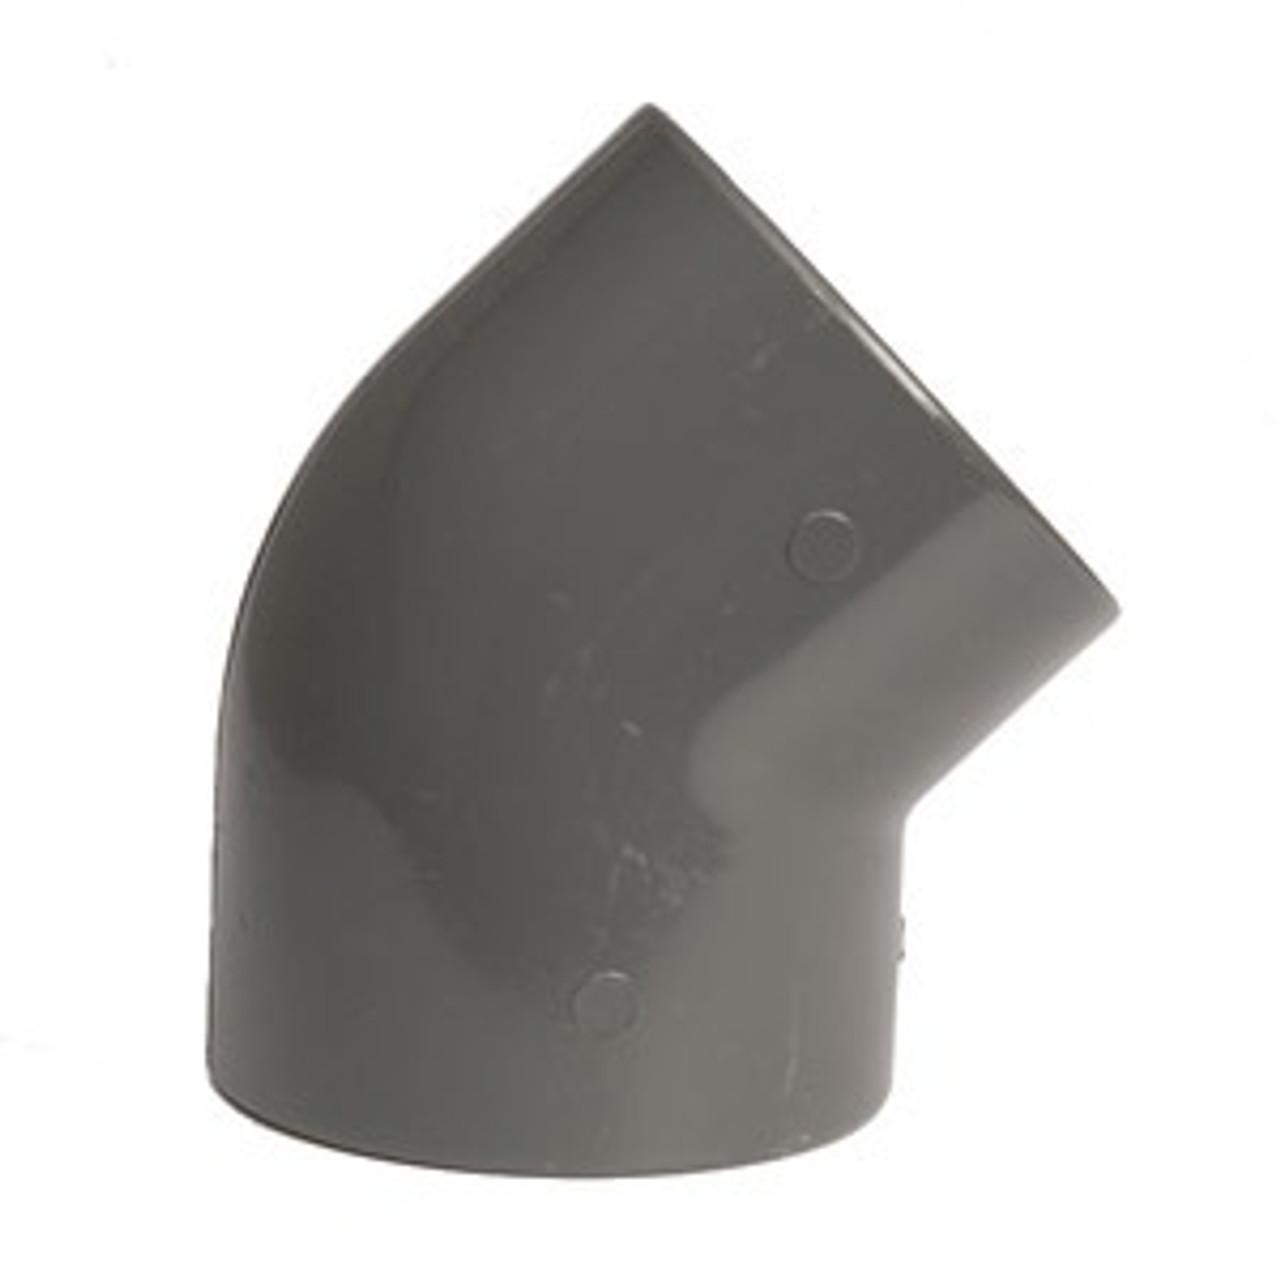 +GF+ | Elbow 45 PVC-U  40mm (721150109)